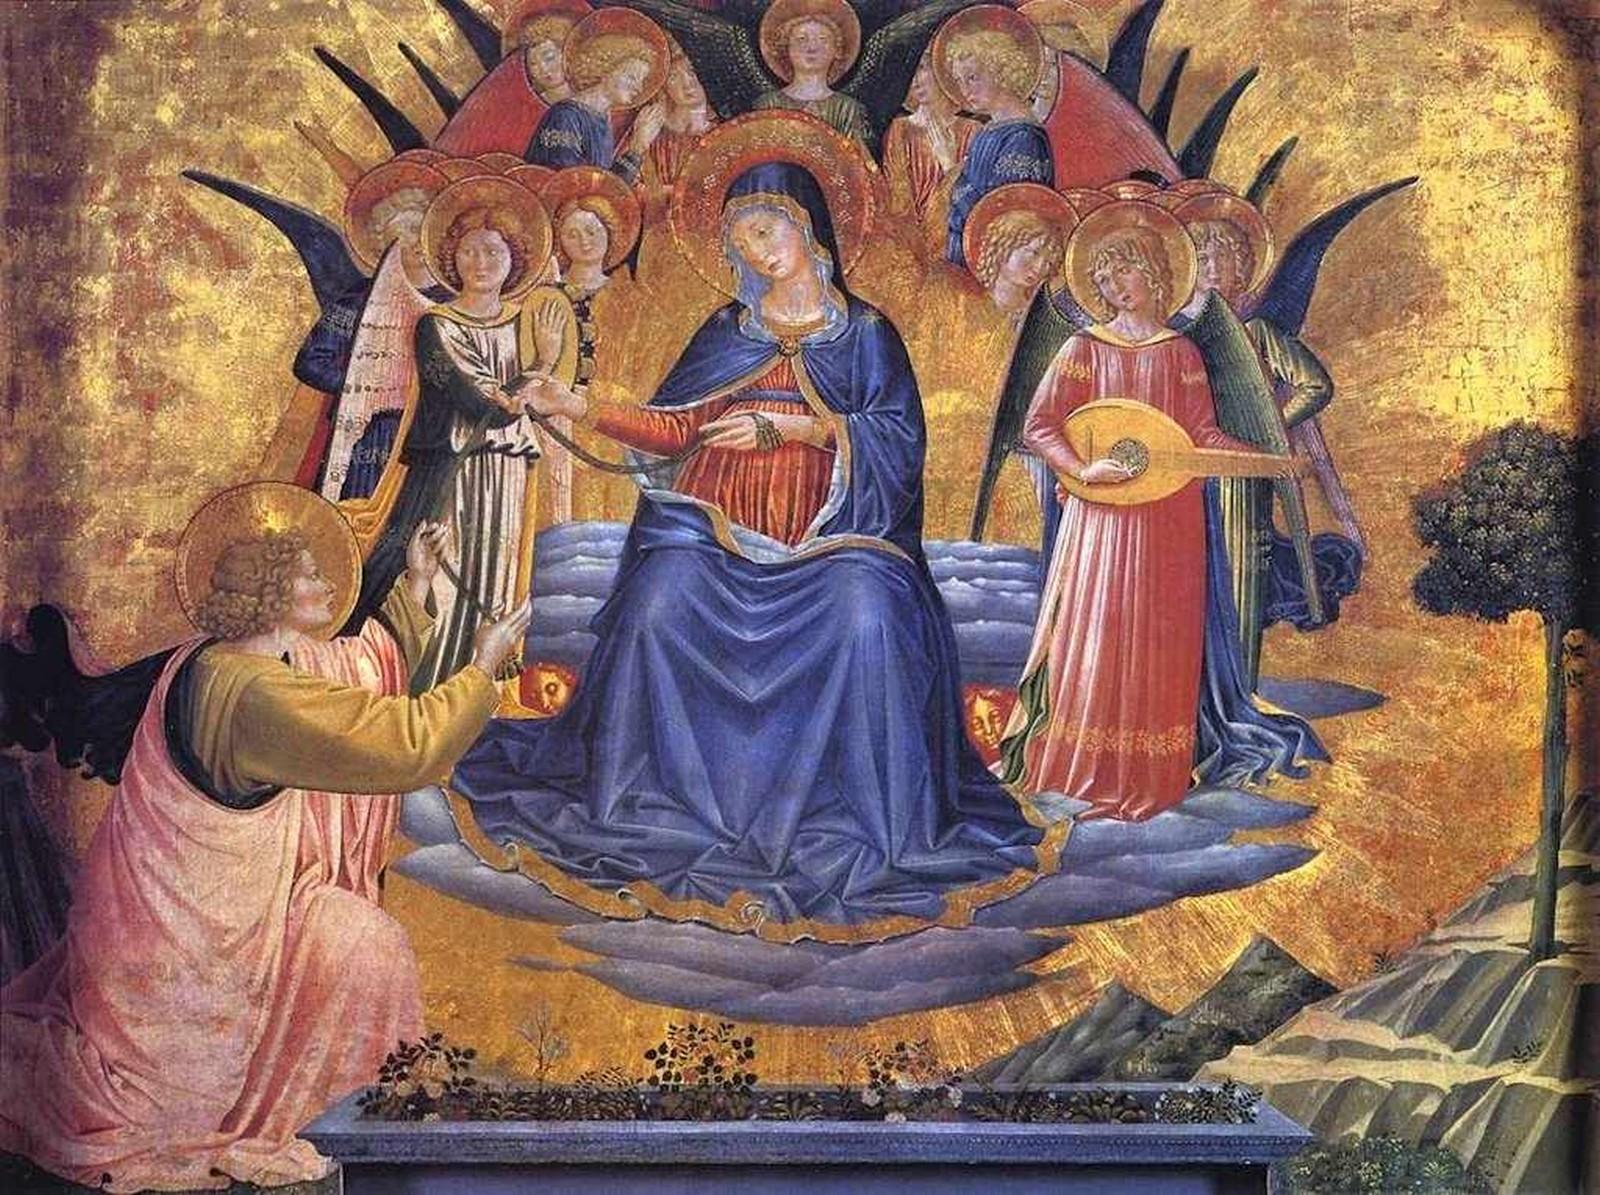 La Impresionante Historia del Santo Cinturón que usó la Virgen María